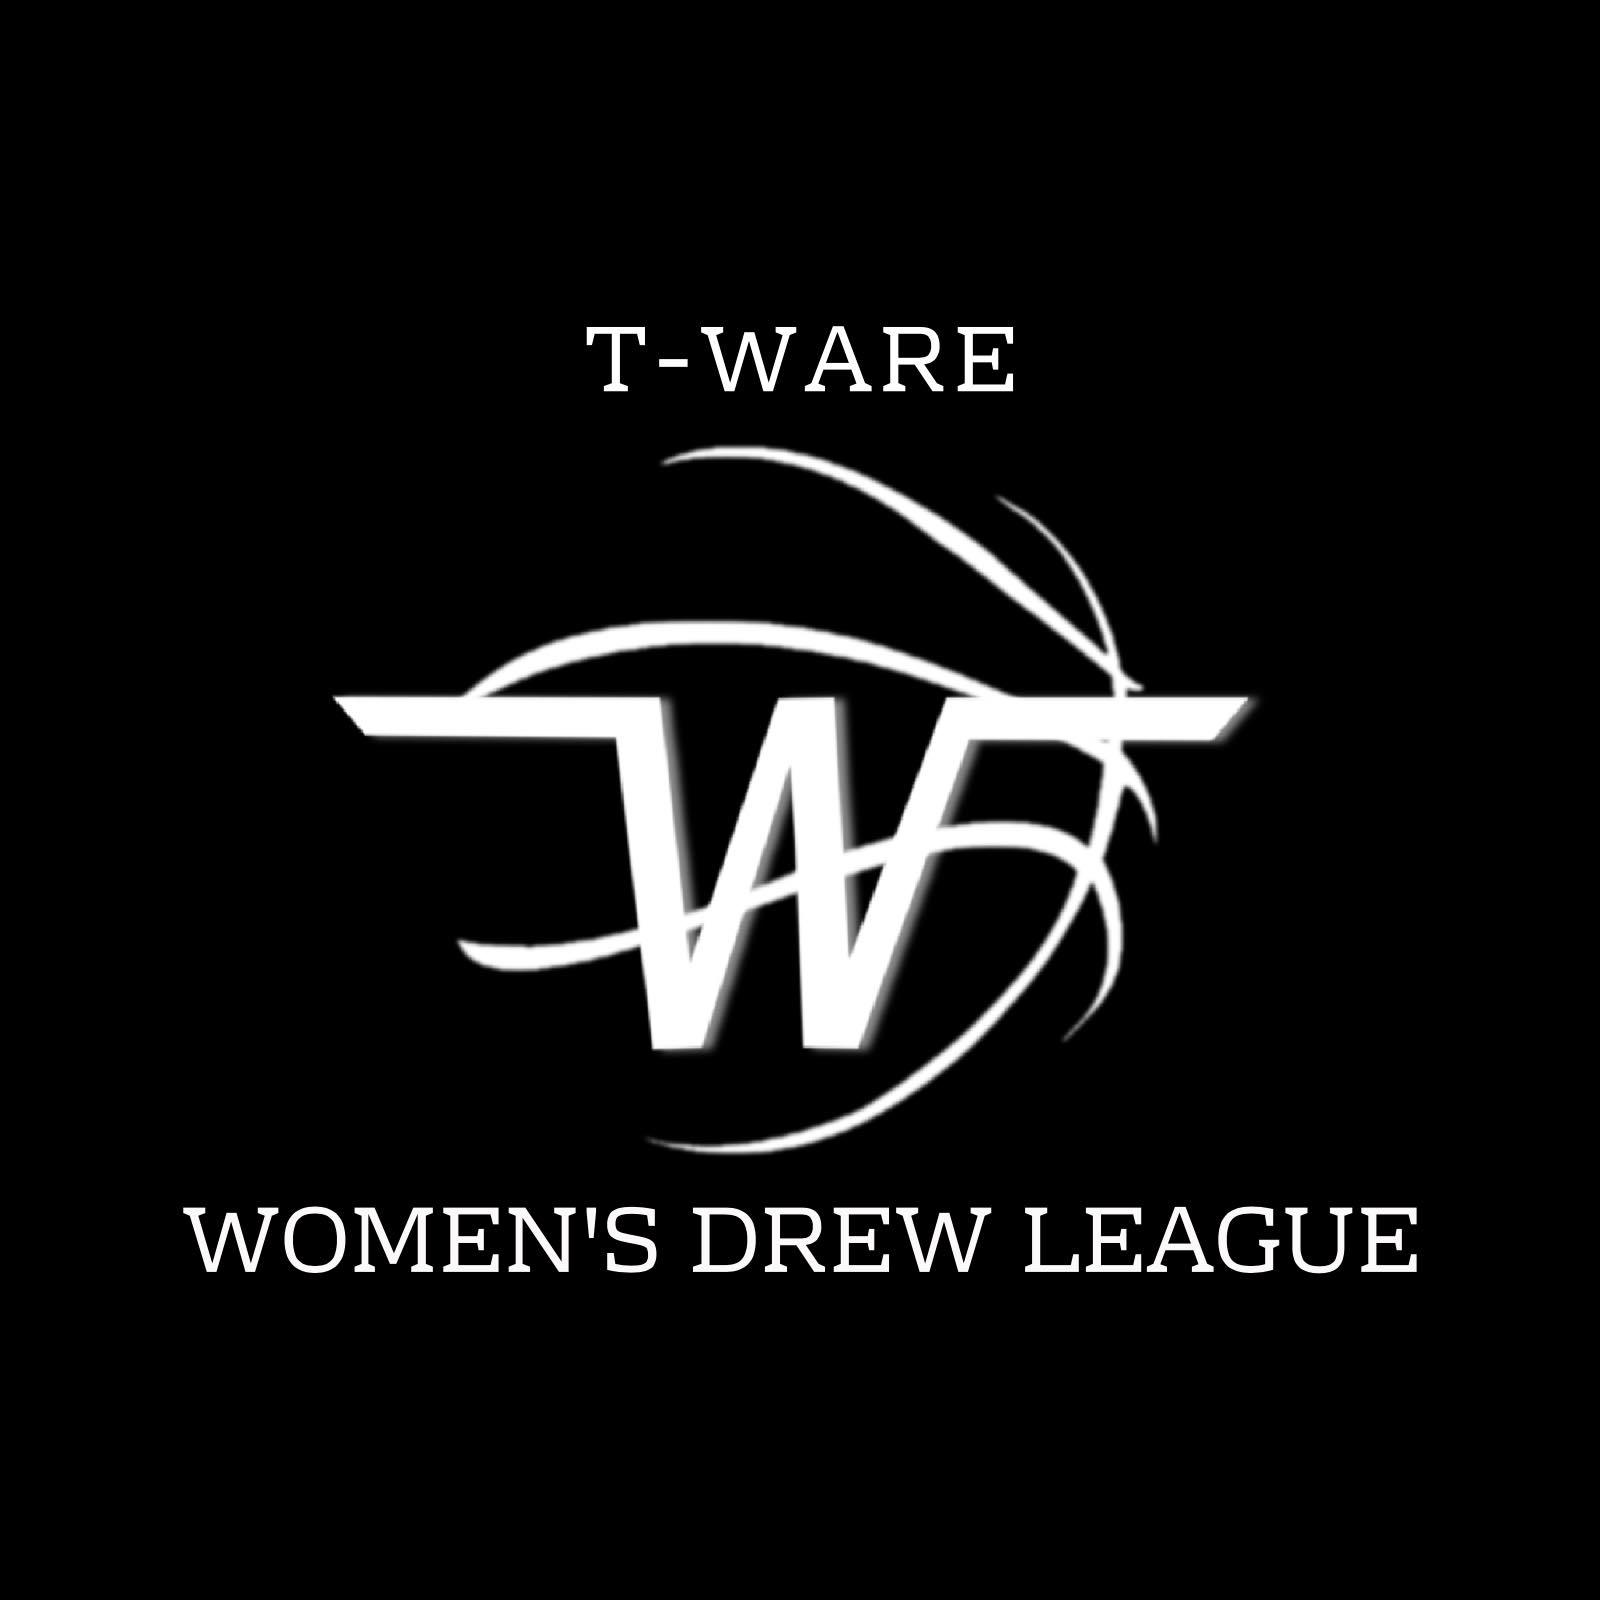 WOMEN'S DREW LEAGUE